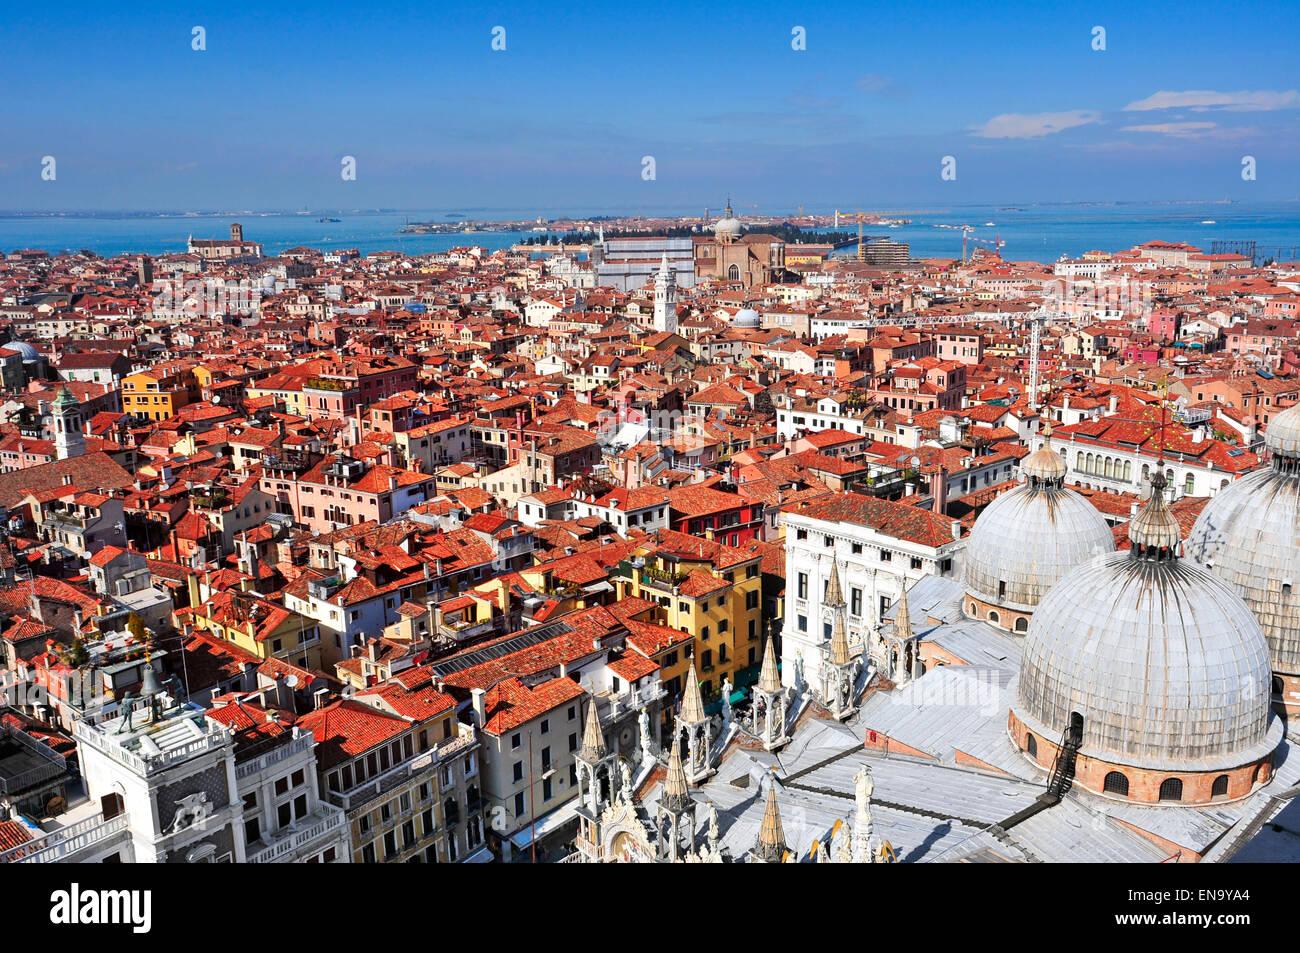 Vista aerea della Cattedrale Patriarcale Basilica di San Marco e sui tetti di Venezia, Italia Immagini Stock